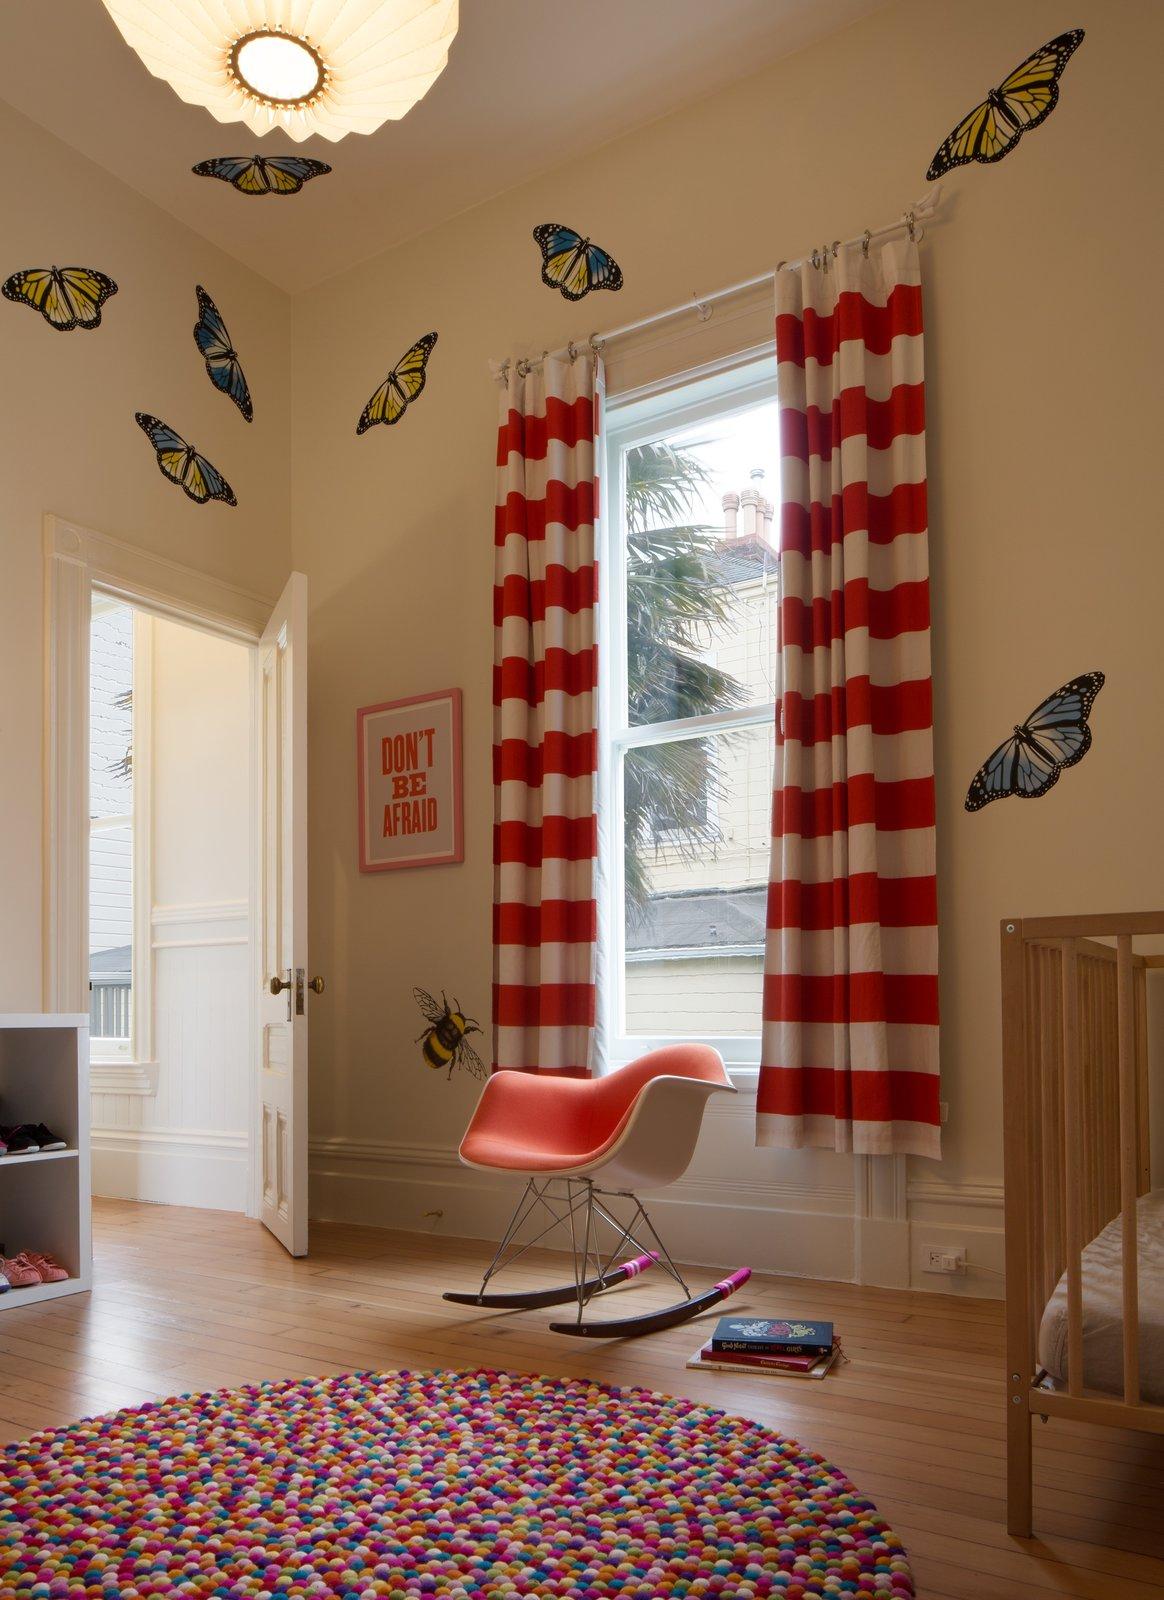 Pierce Street Residence kid's room